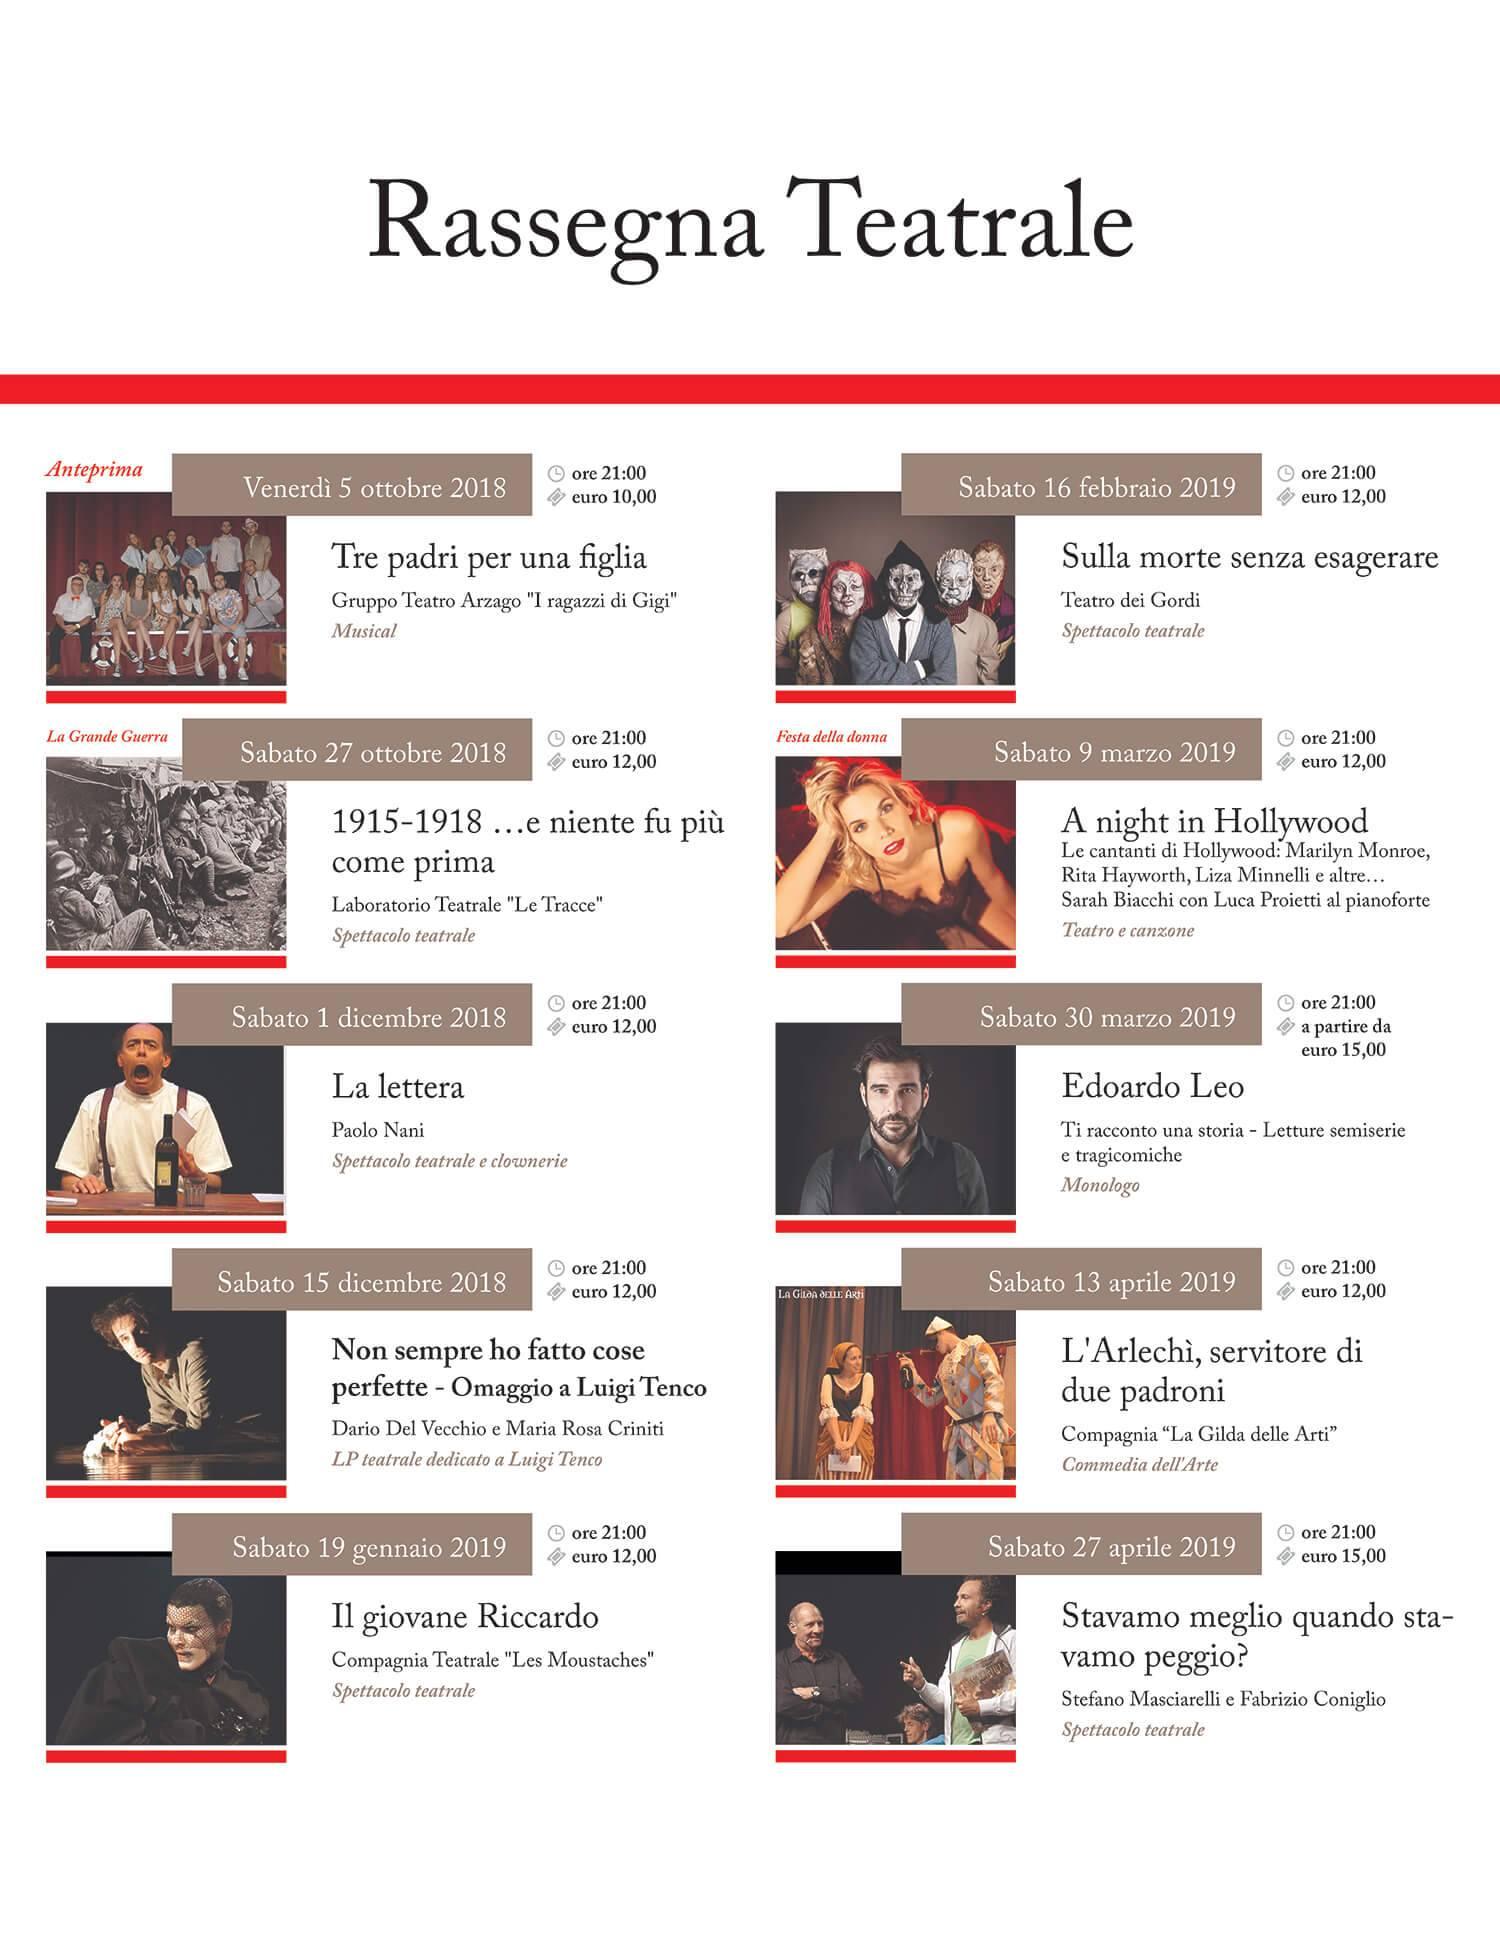 tft_rassegna_teatrale_18_19_54x70